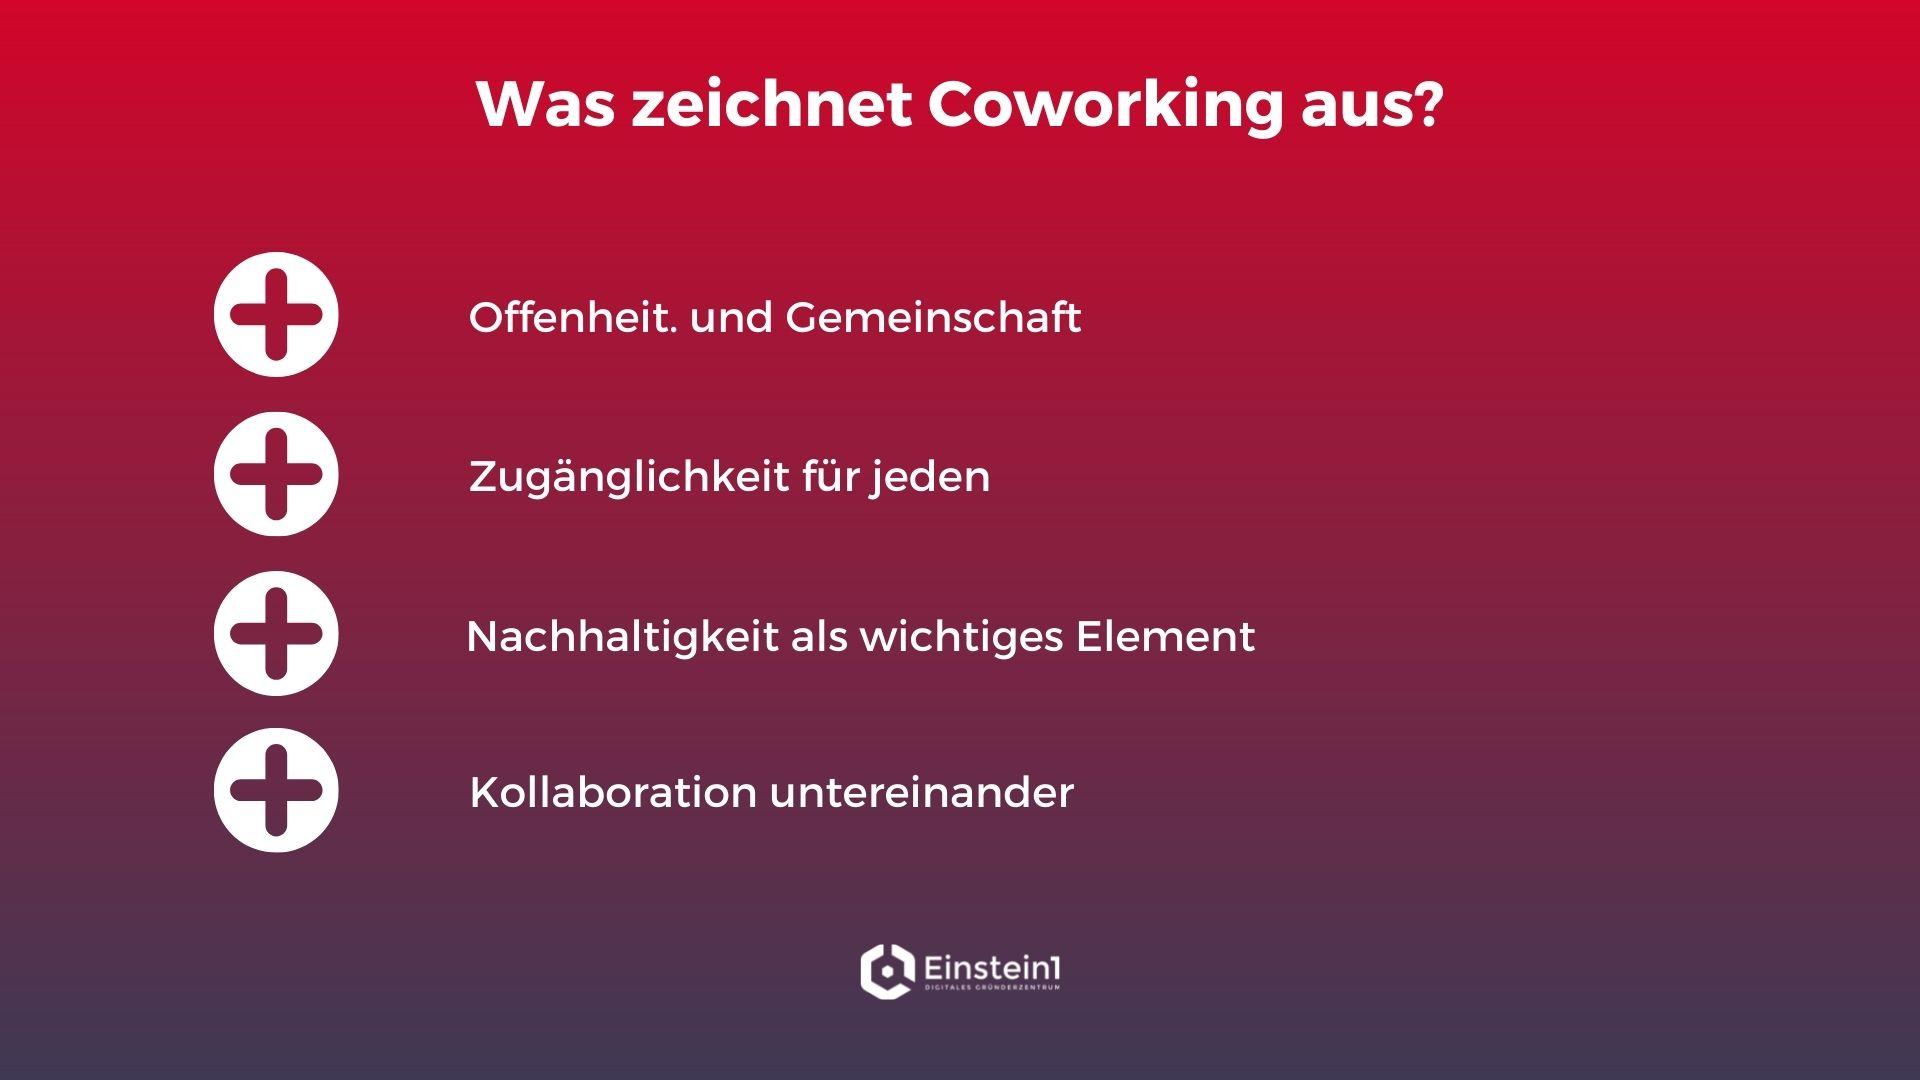 coworking-aus-dem-homeoffice-rein-in-die-neue-produktivität-was-zeichnet-coworking-aus-einstein1